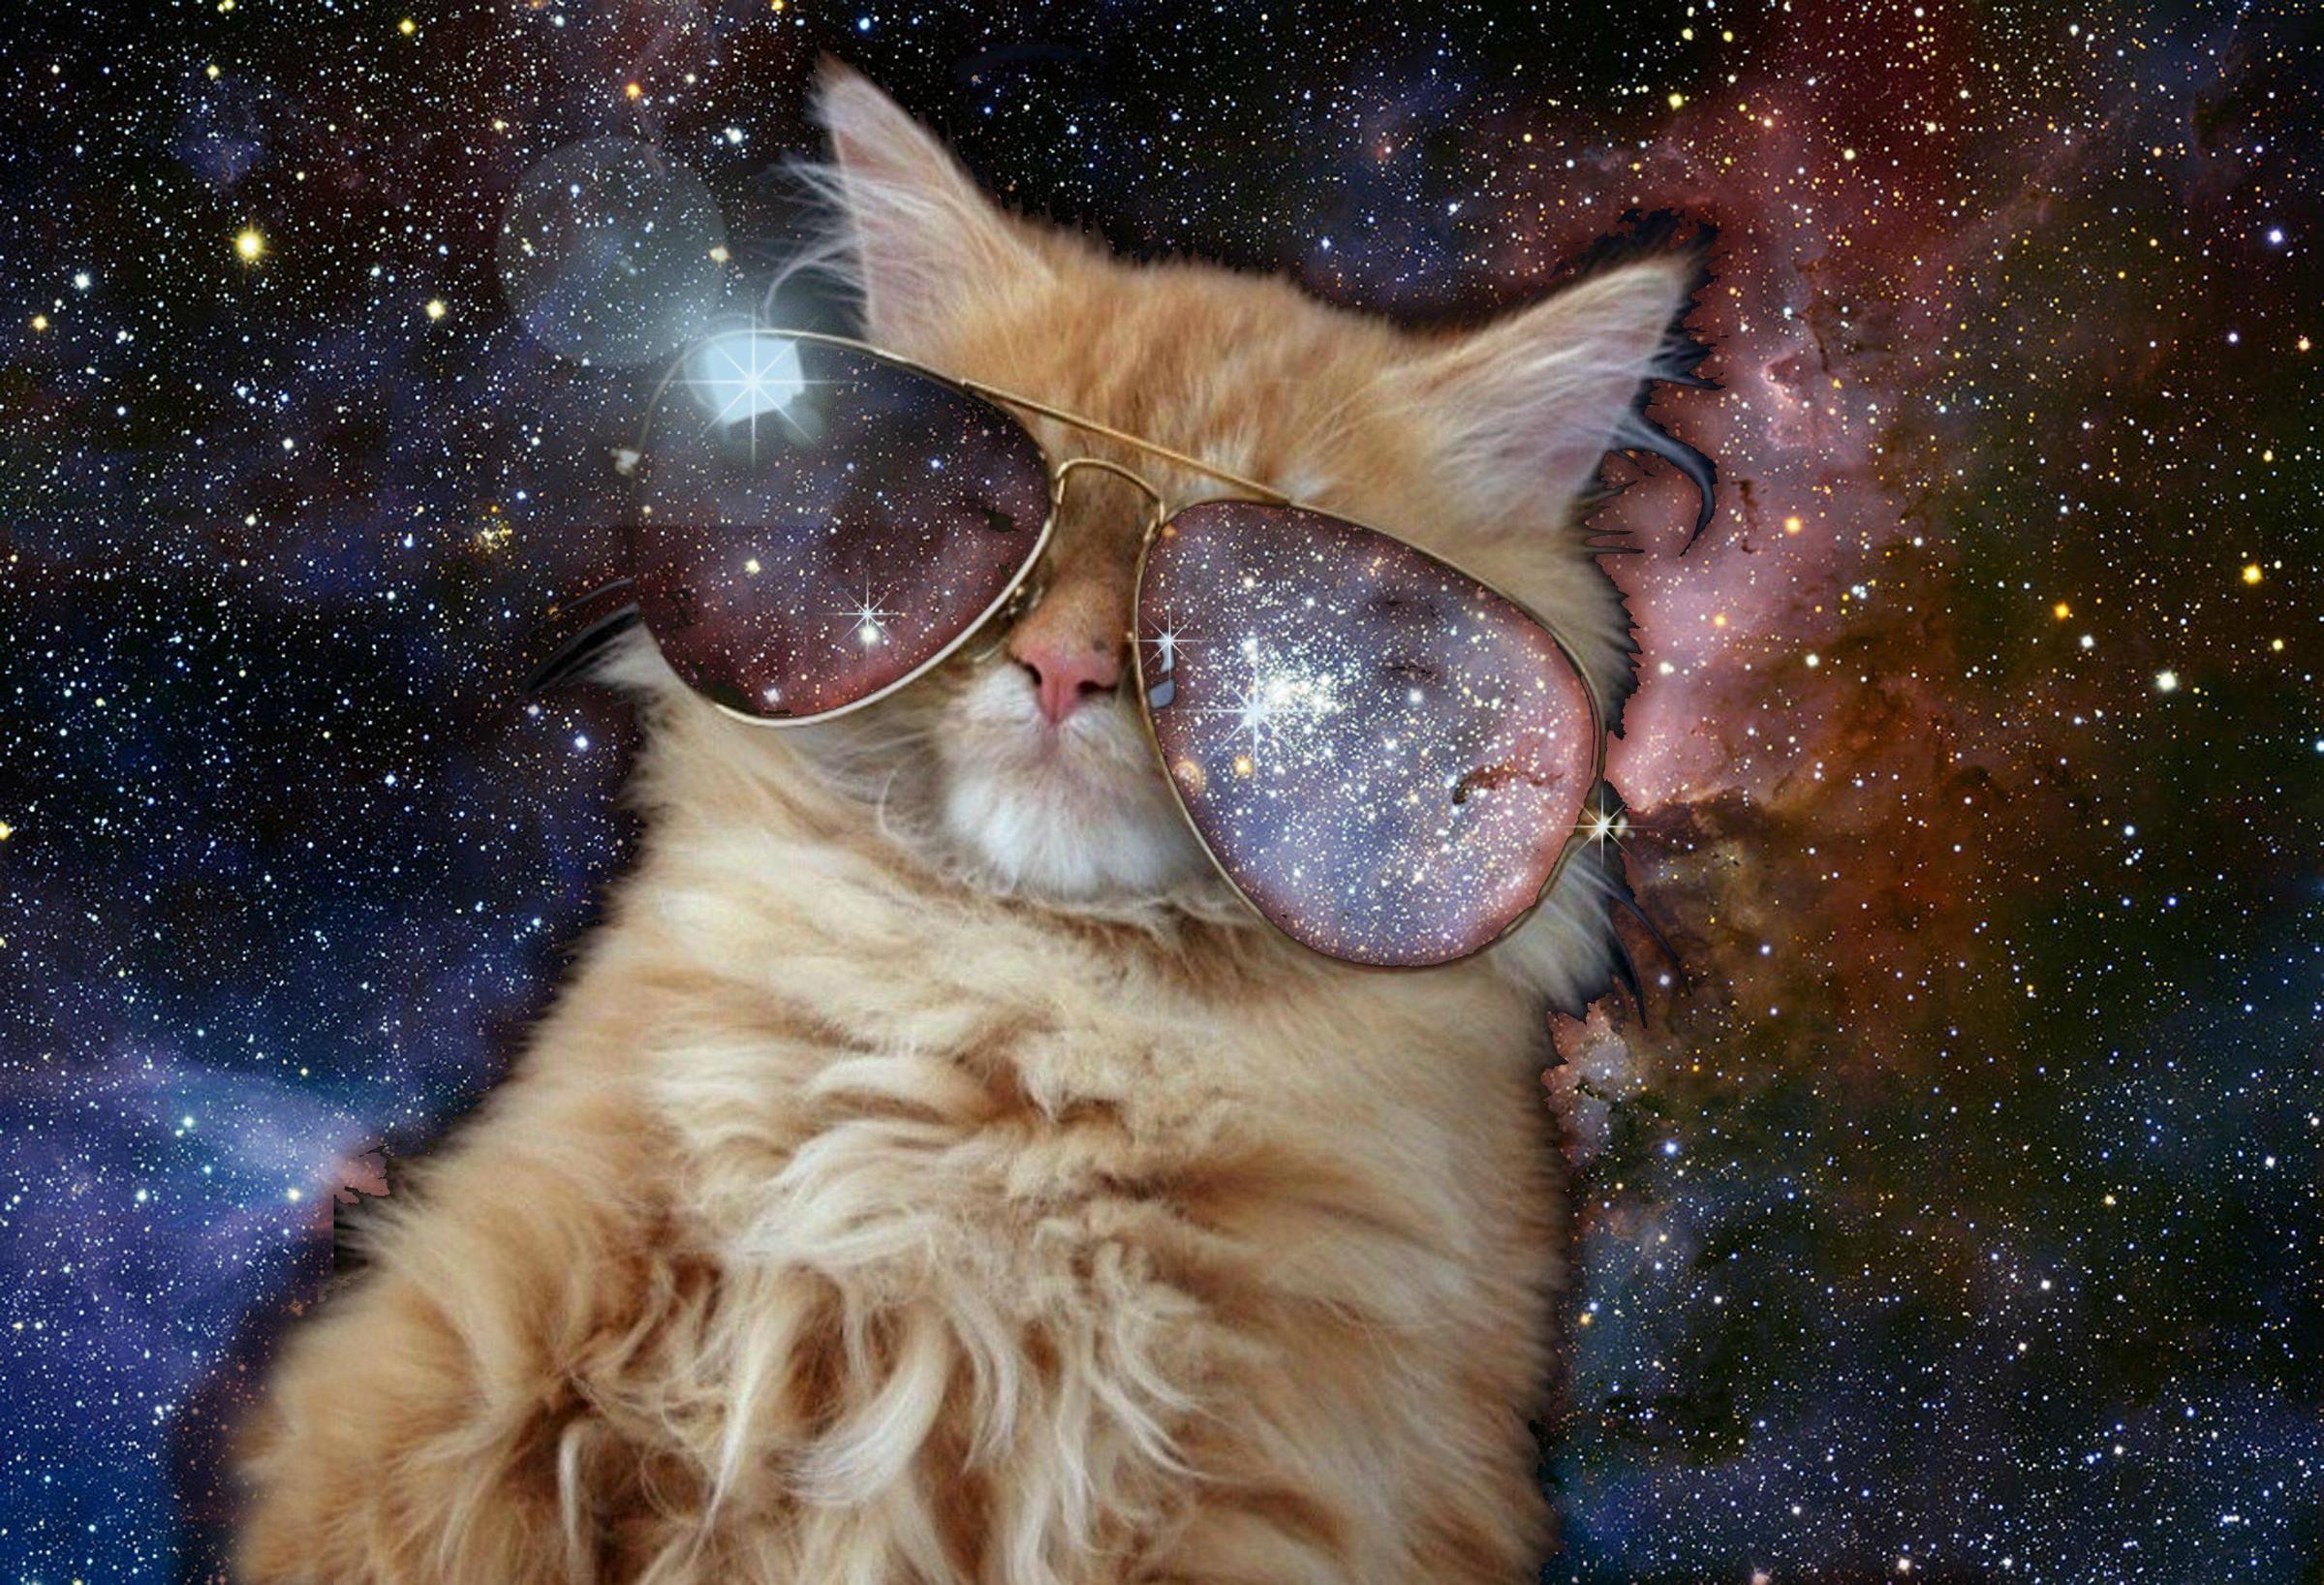 Space Cat Tumblr Space cat